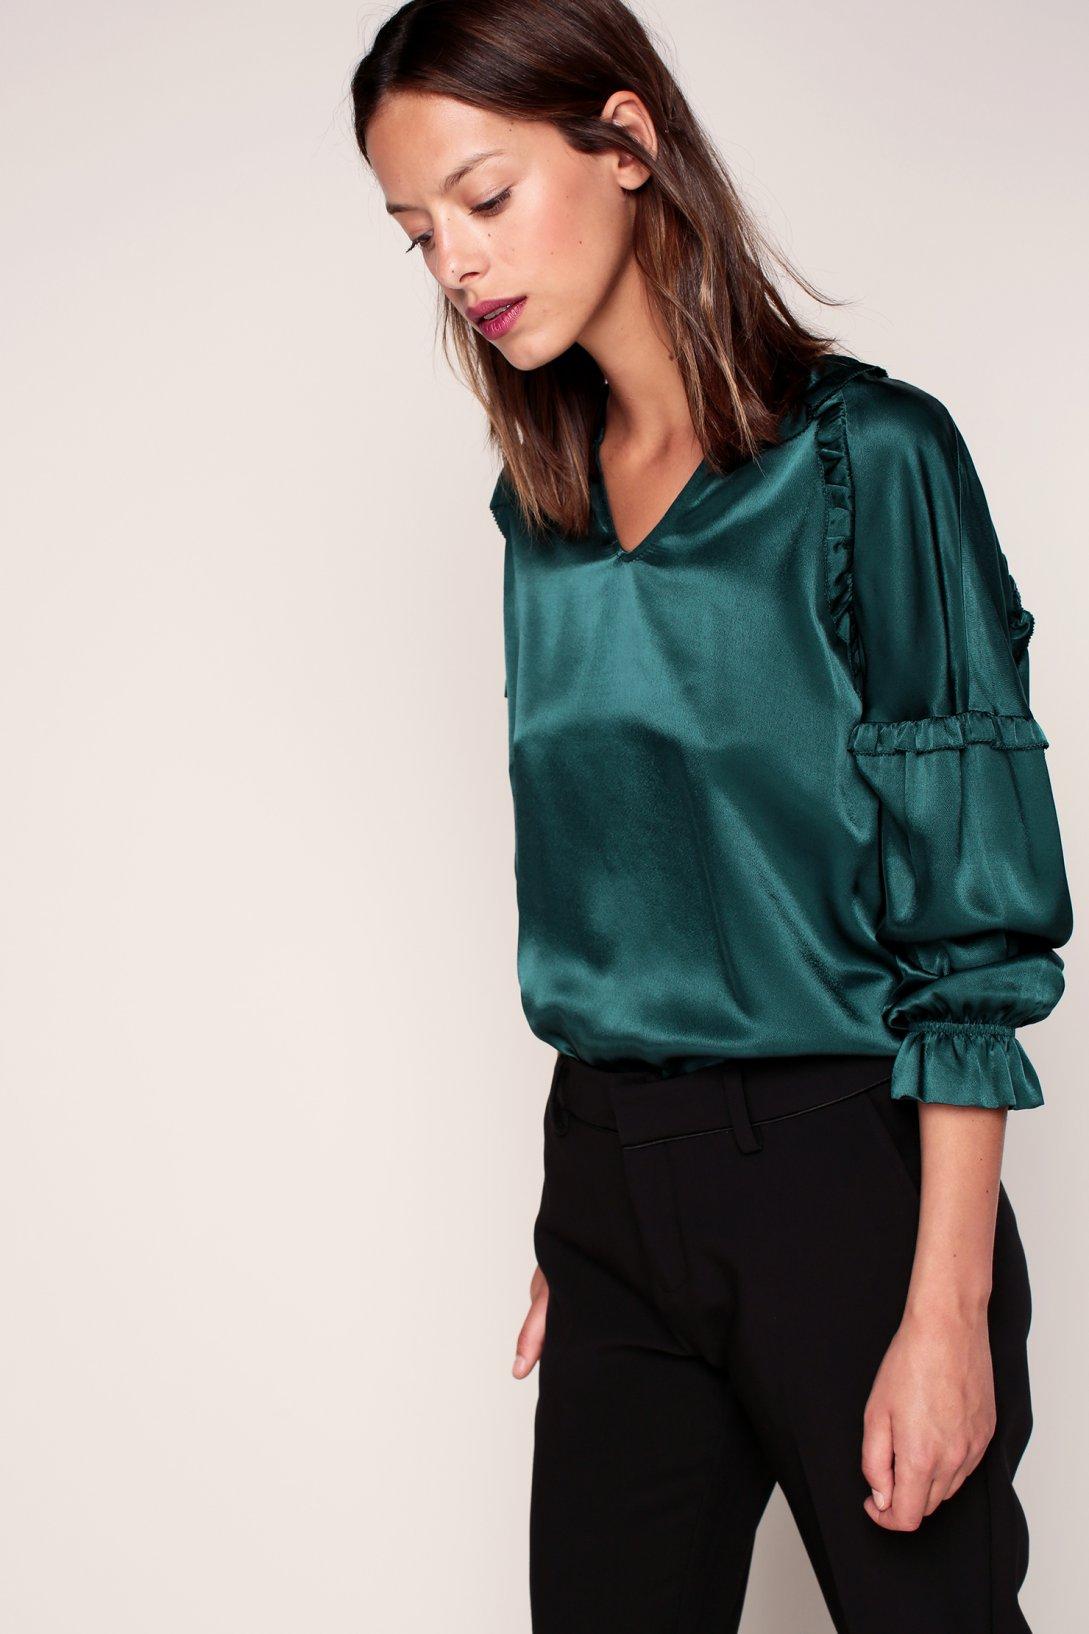 Шелковая зеленая блузка